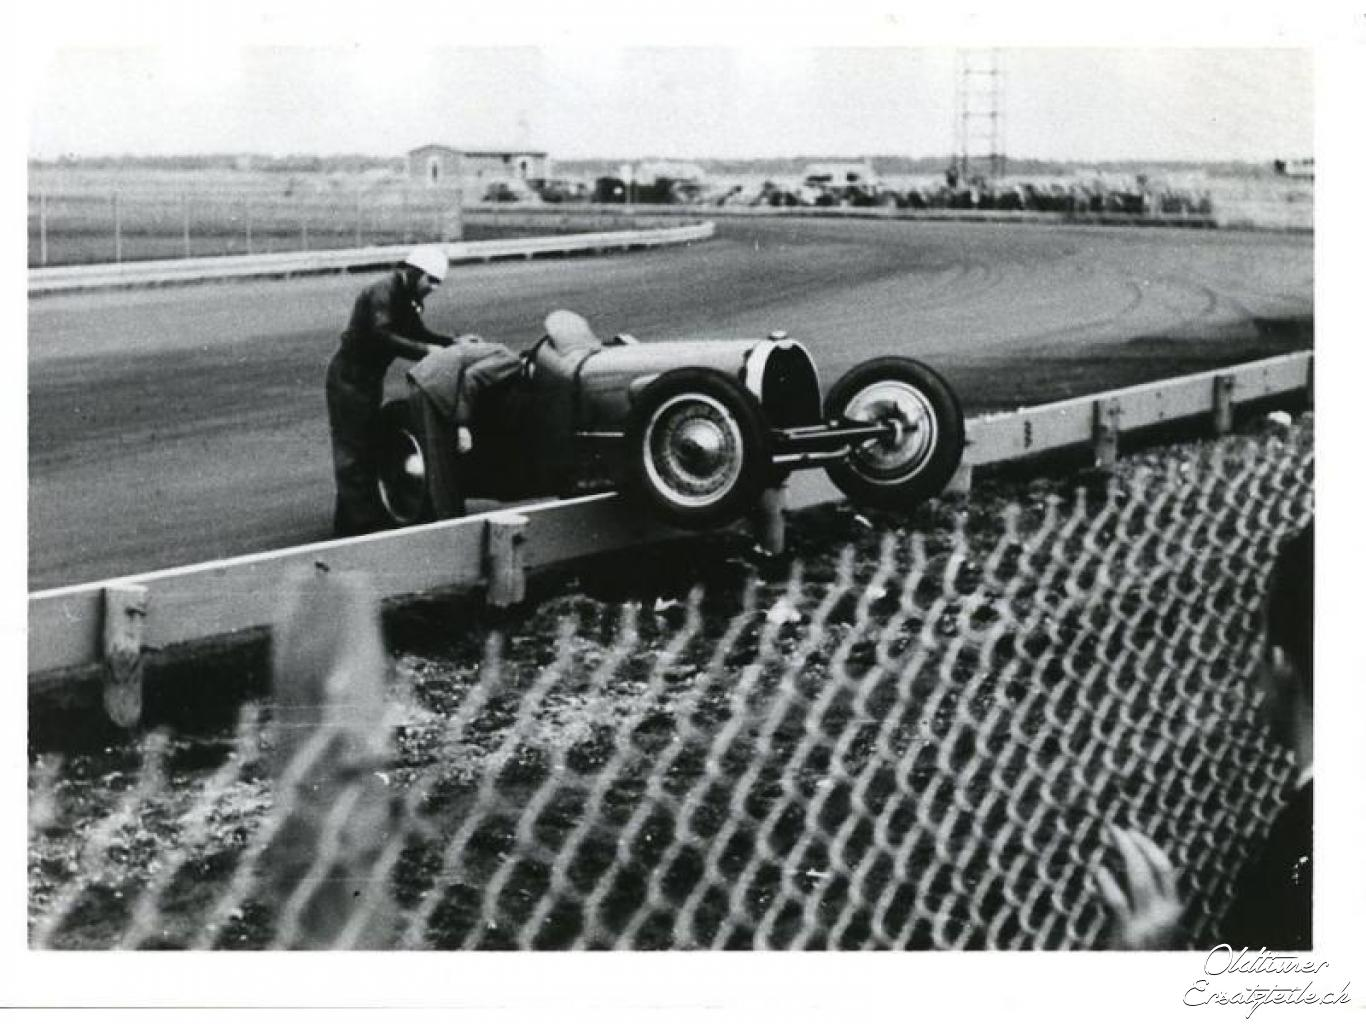 DIV Ersatzteile für Bugatti 1900-1930 - 1/1